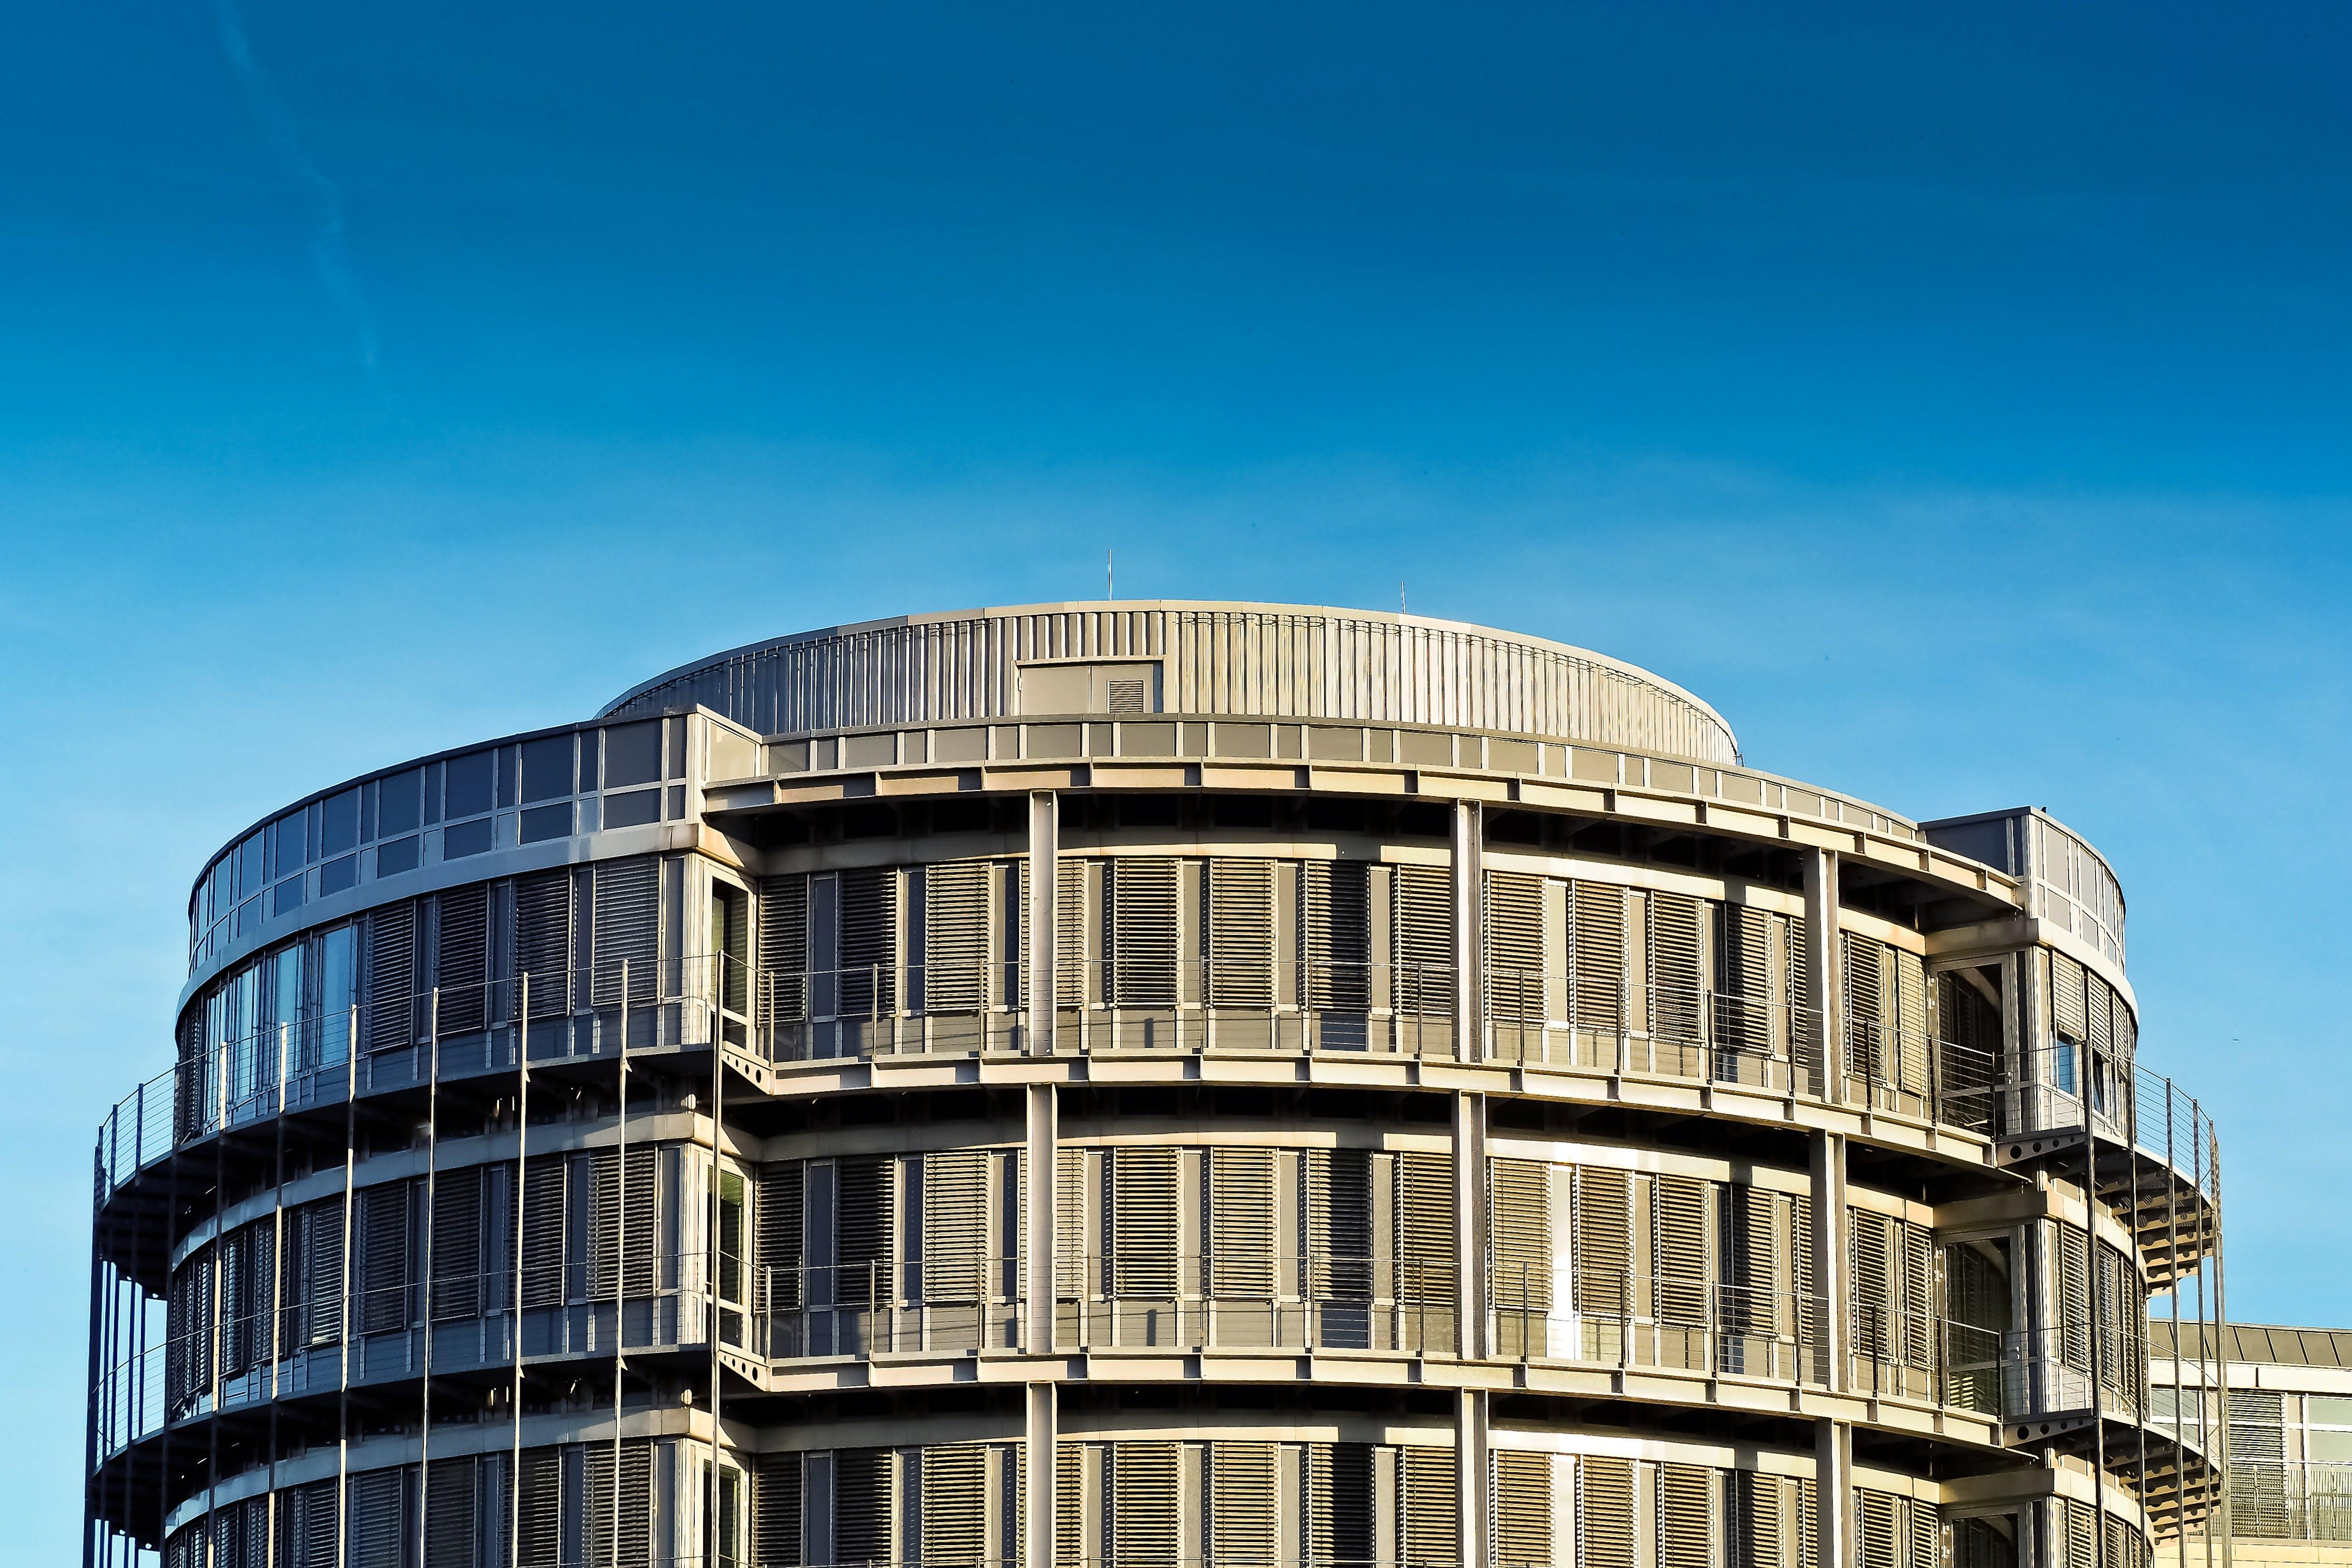 Gratis lagerfoto af arkitektur, blå himmel, by, byggeri